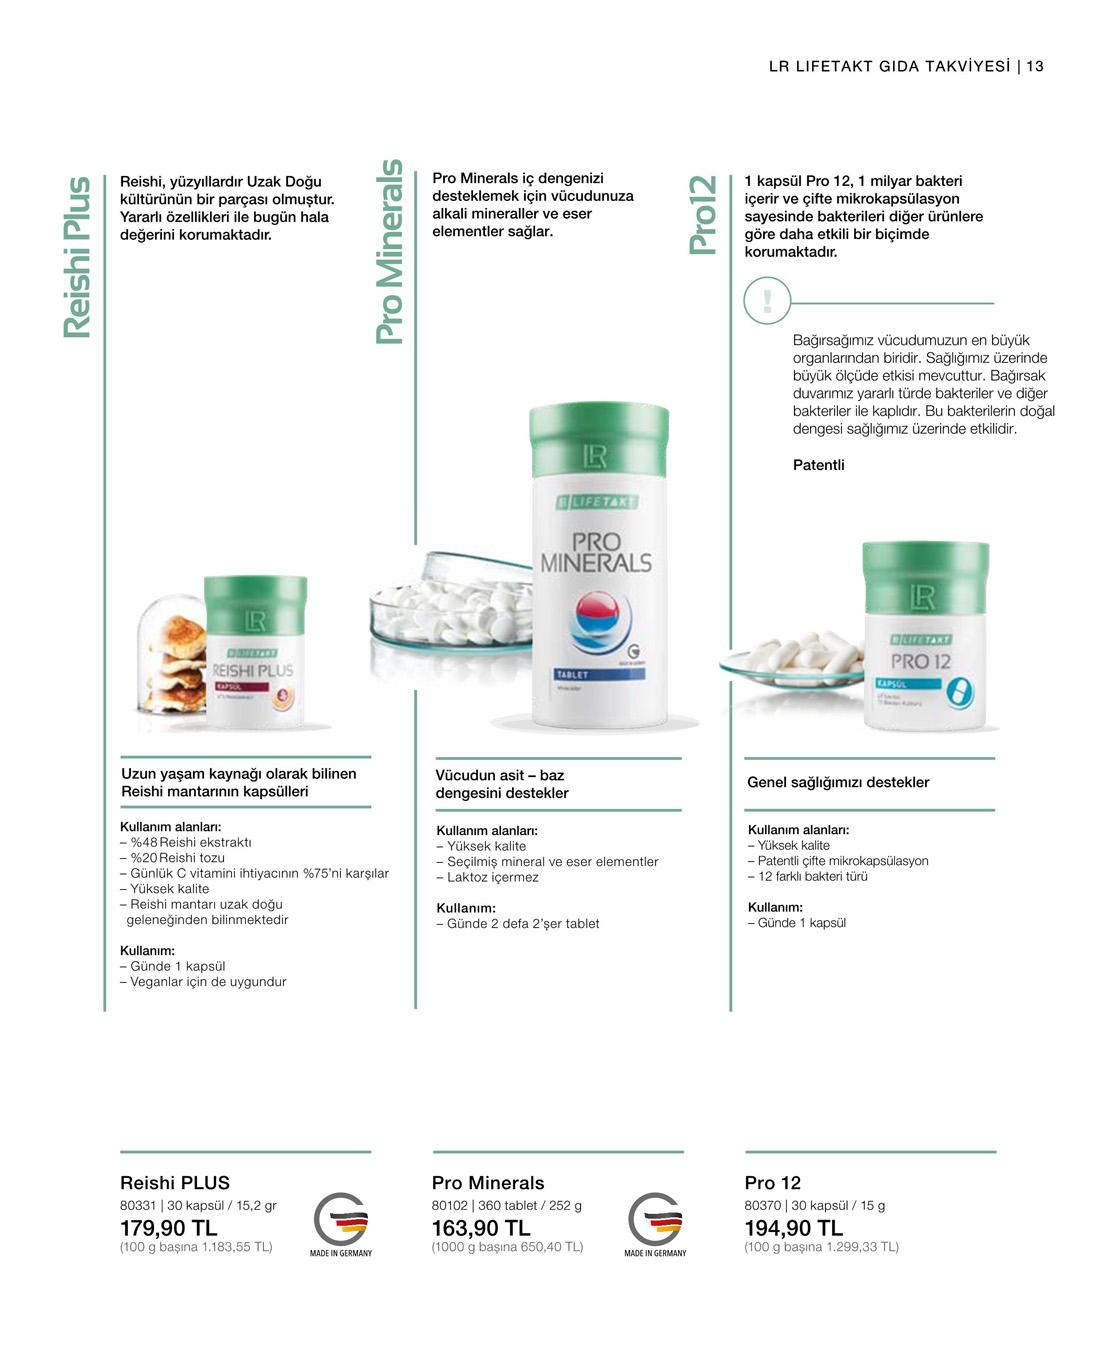 LR Pro 12 - Probiyotik Kapsüller katalog